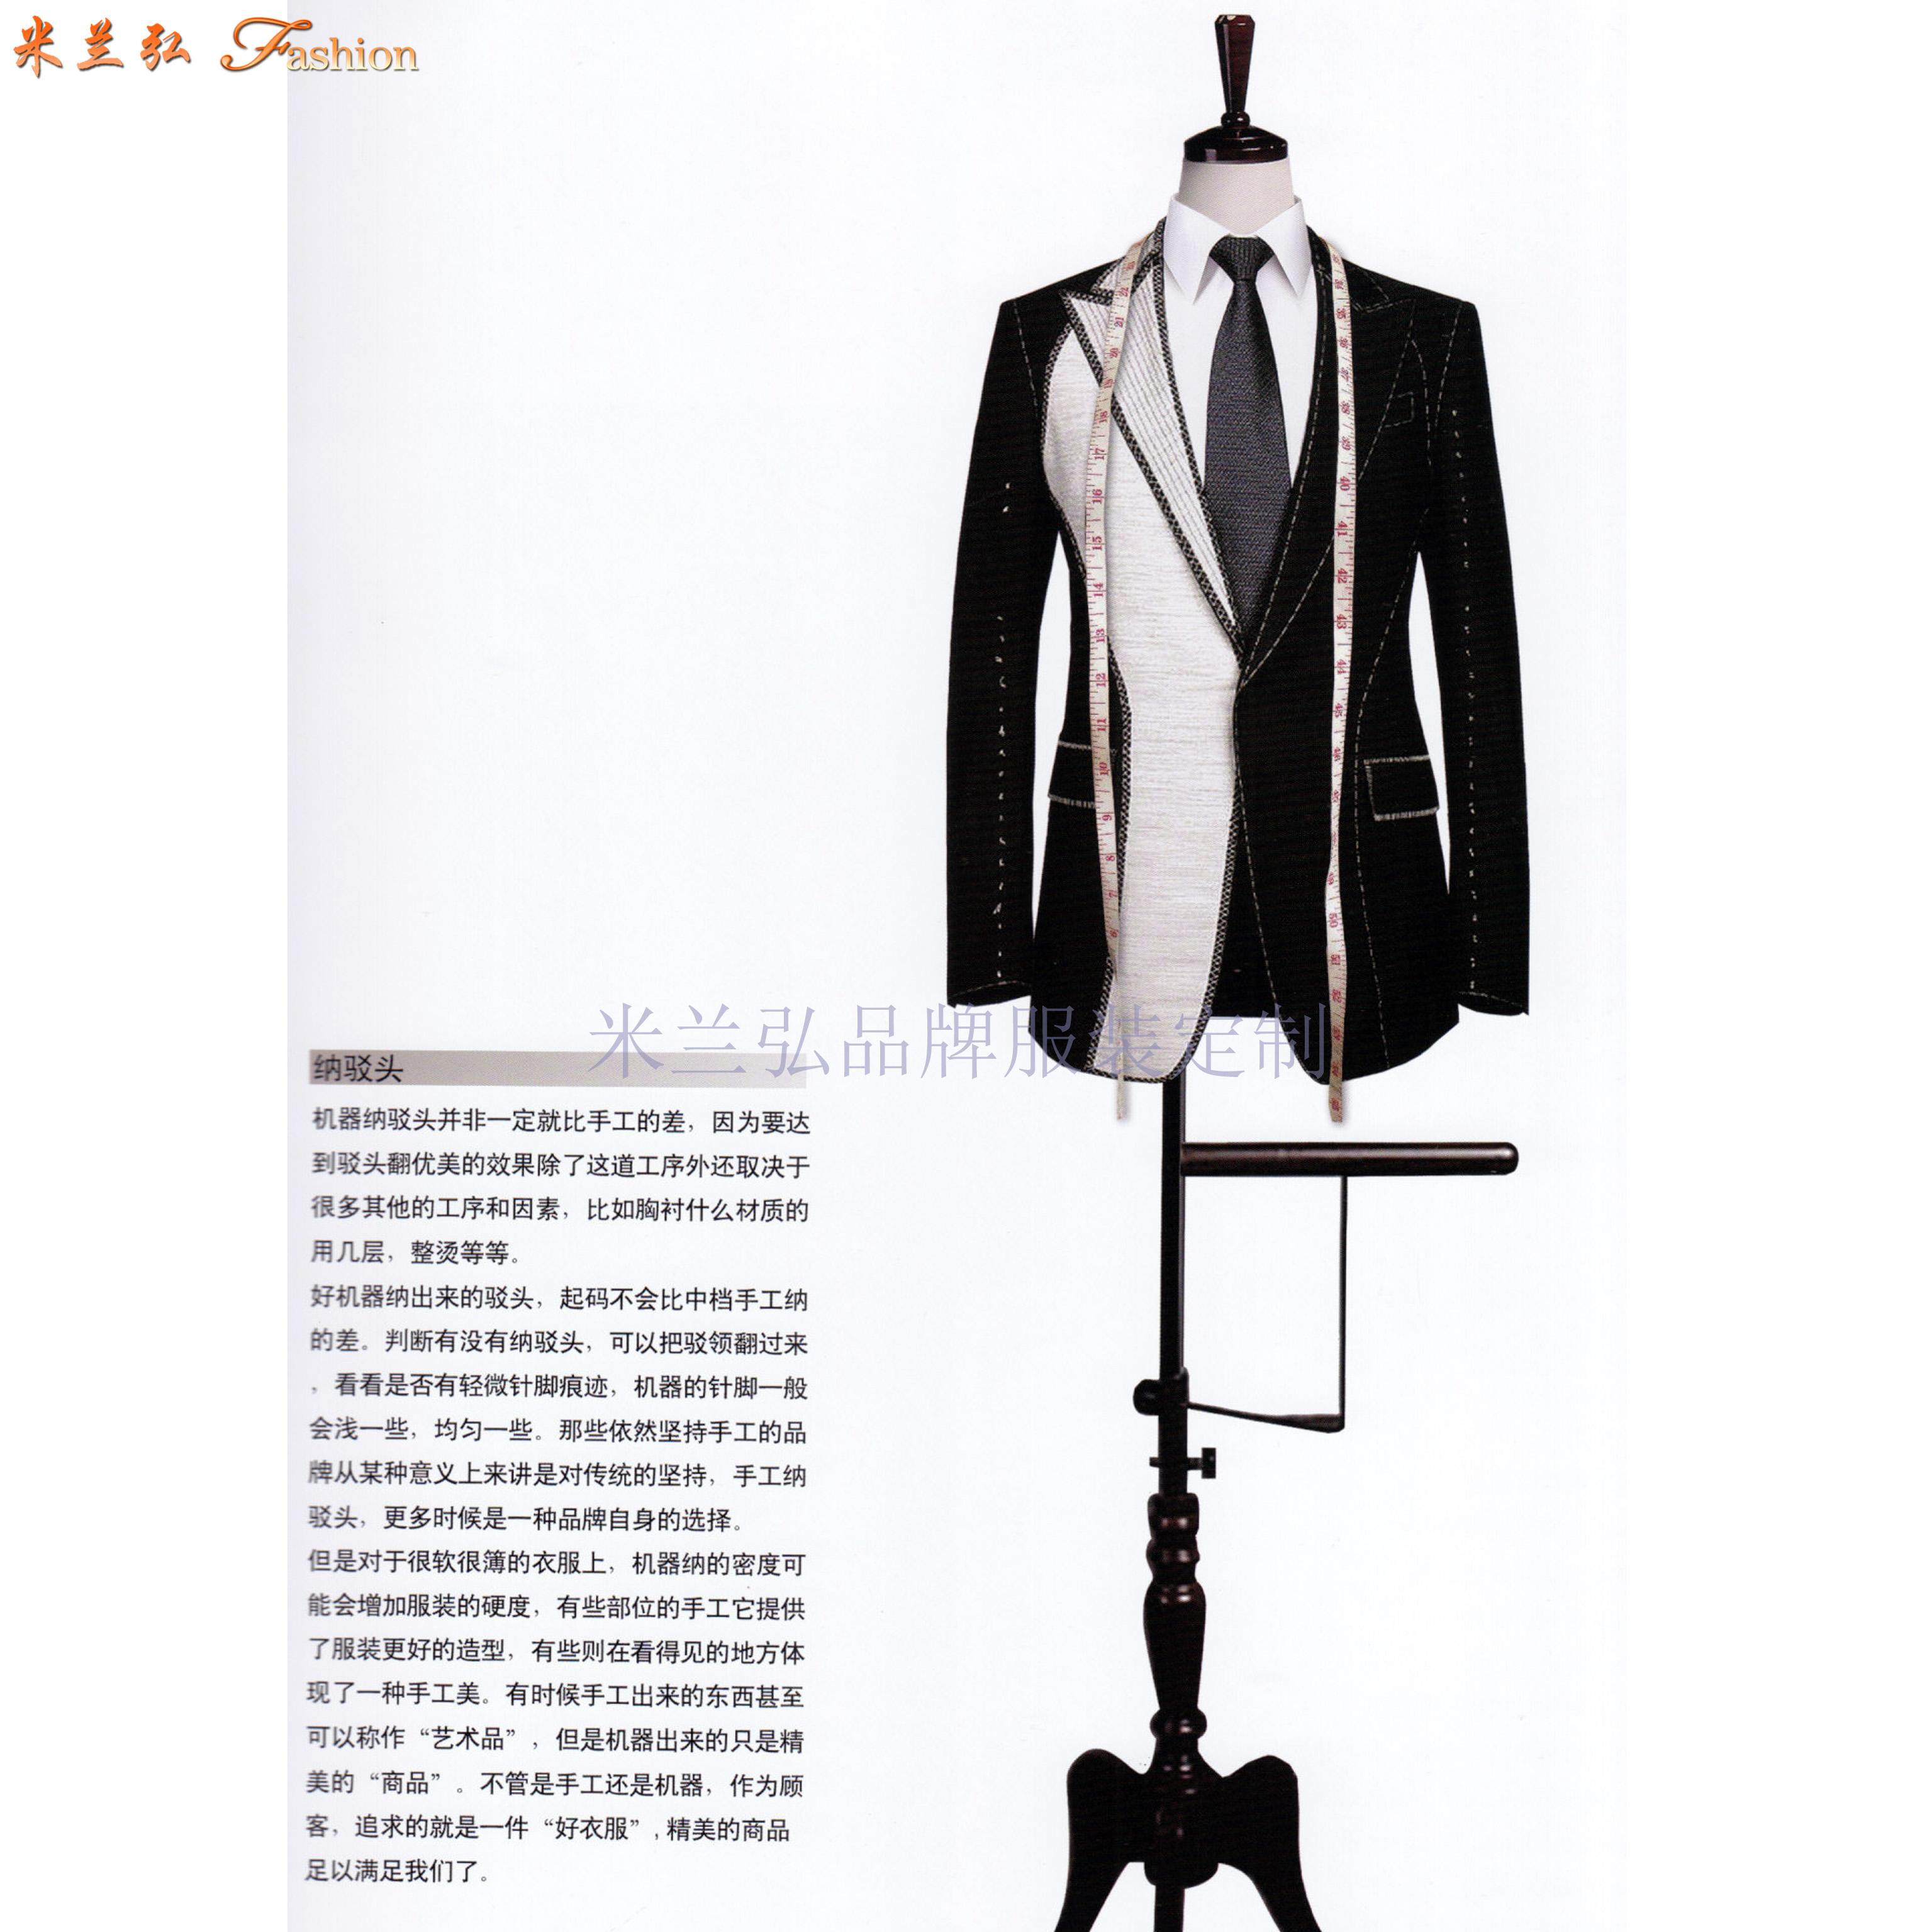 「北京羊毛西服定制」「北京羊毛西服订制」推荐西装笔挺米兰弘服装-2